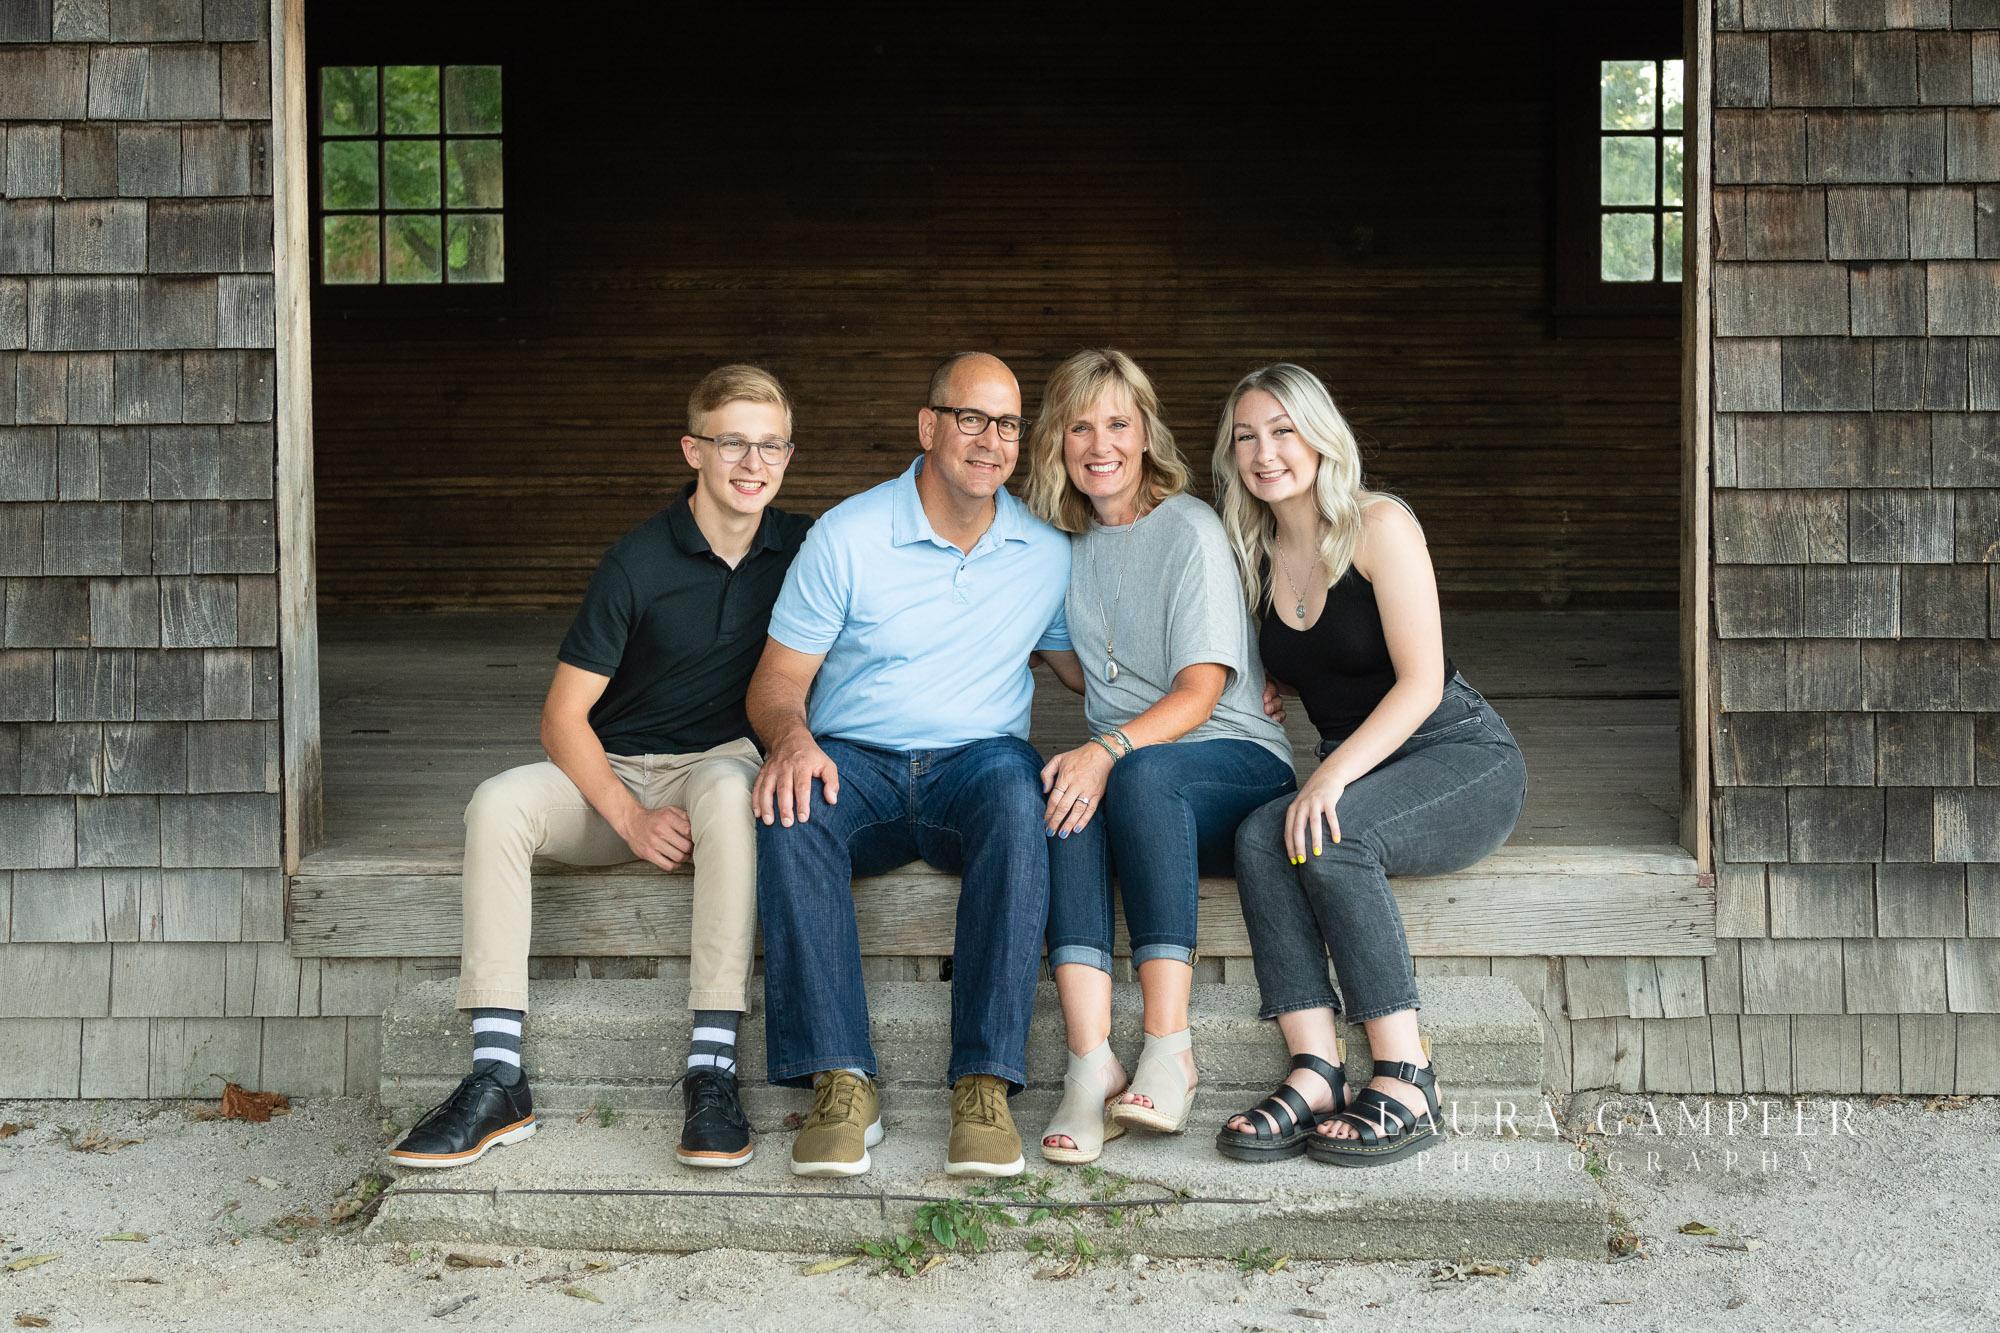 family photography geneva illinois